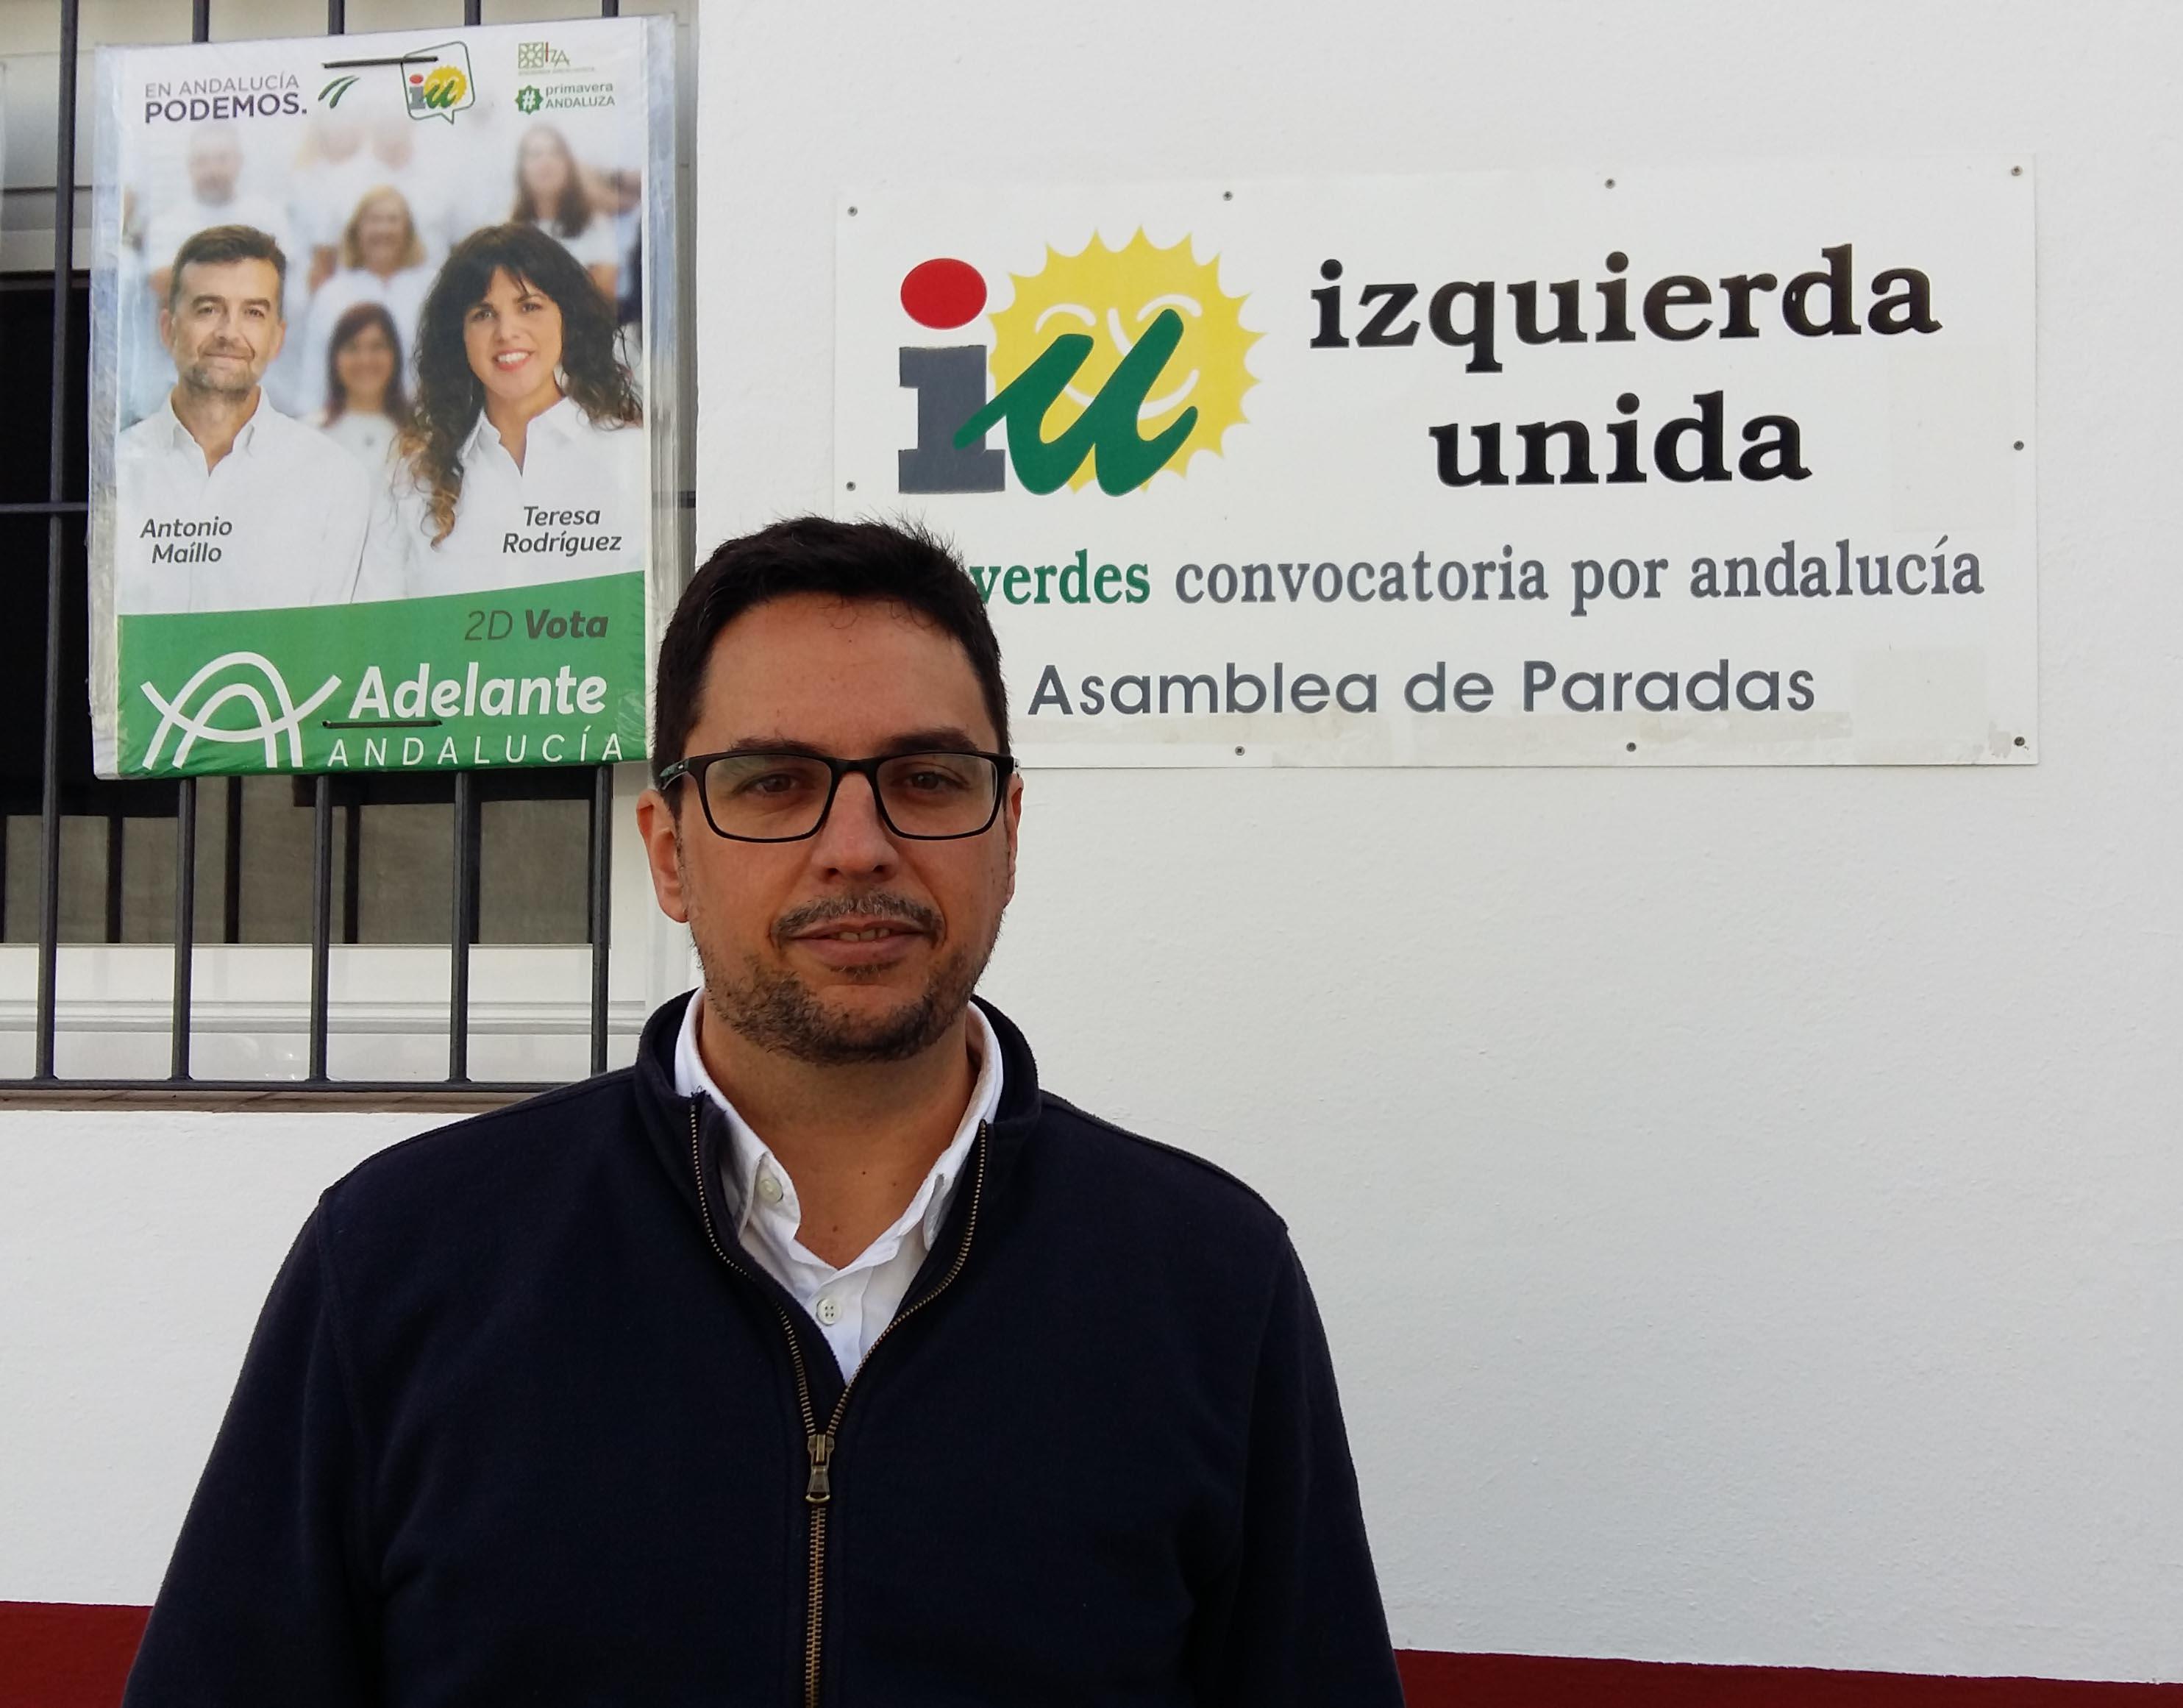 RAFAEL COBANO NAVARRETE: CANDIDATO A LA ALCALDÍA DE PARADAS